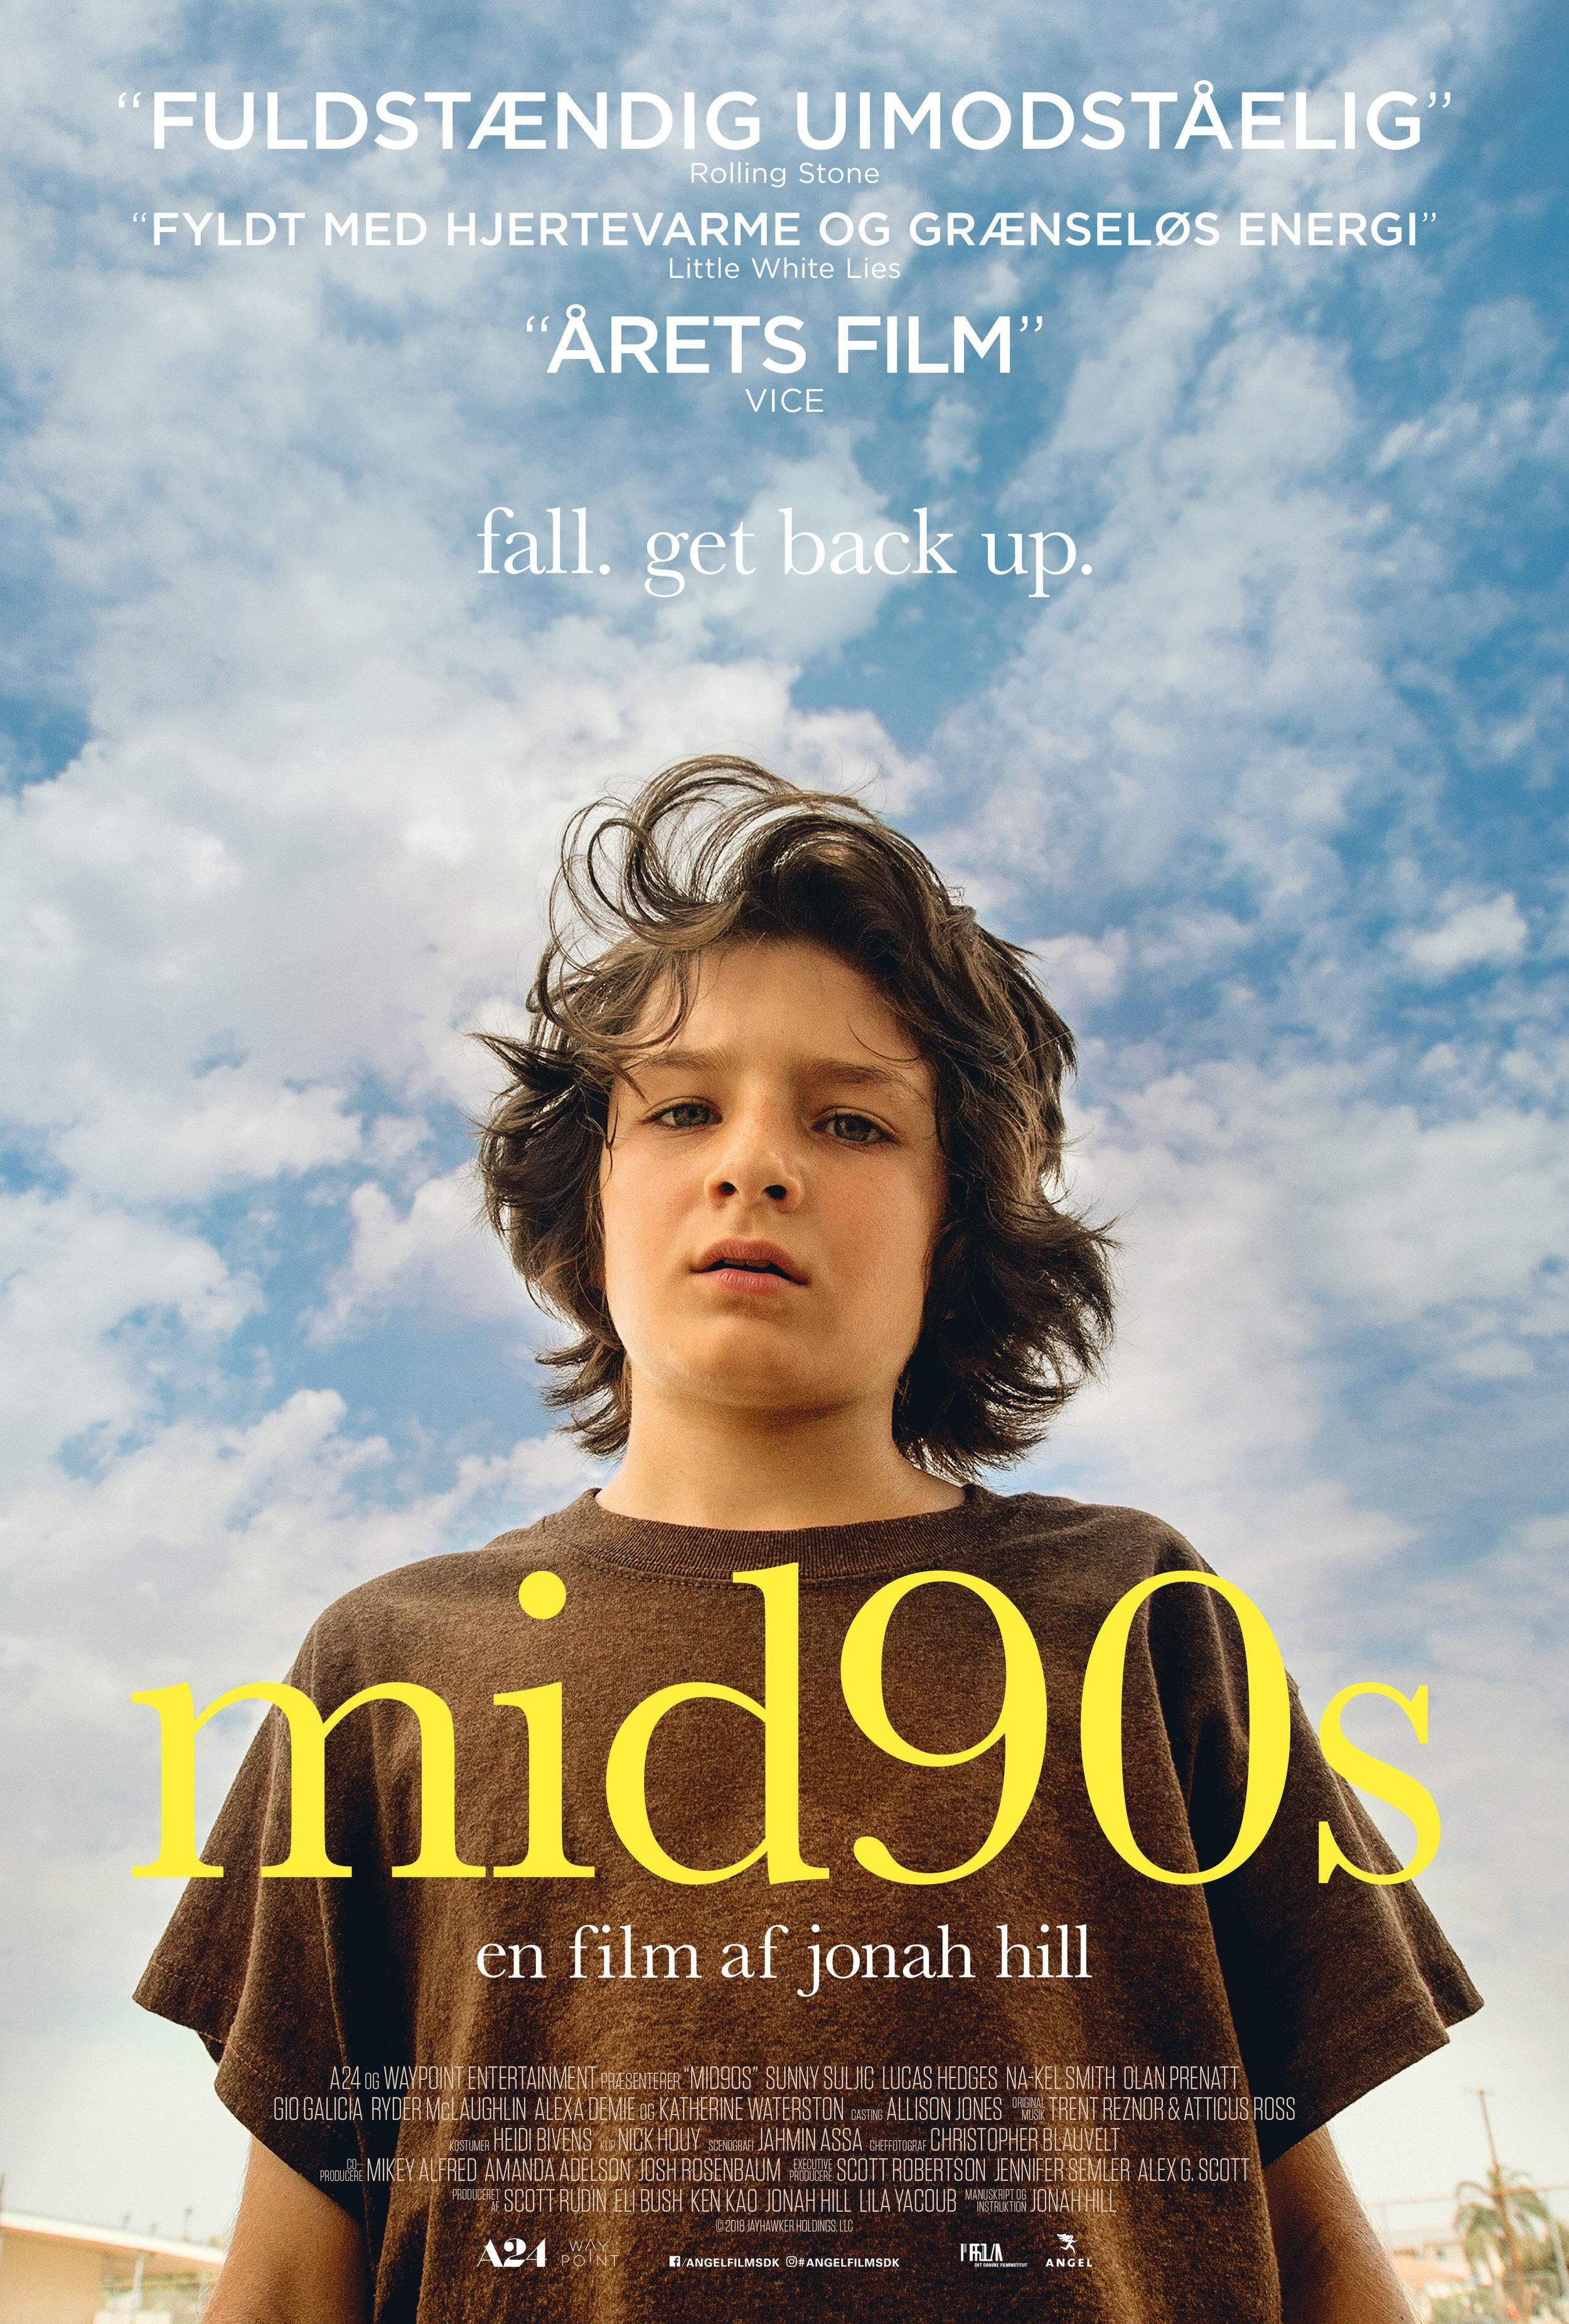 poster_mid90s.jpg